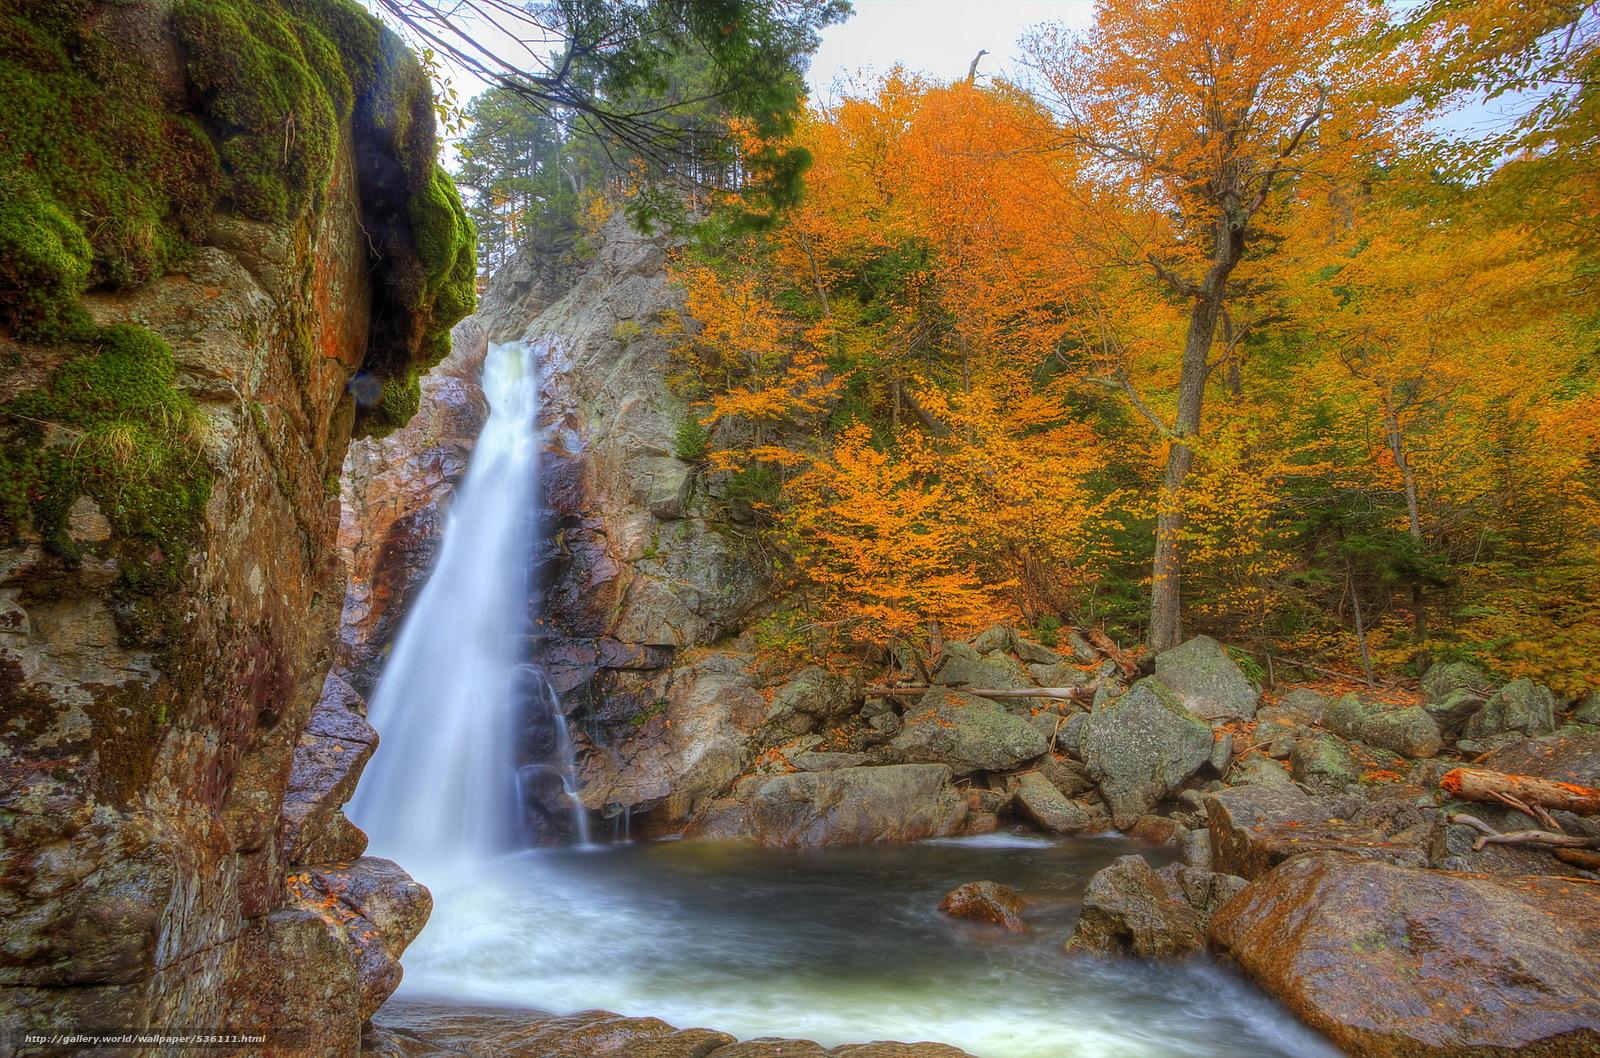 wallpaper waterfall USA autumn Glen Ellis desktop wallpaper 1600x1058